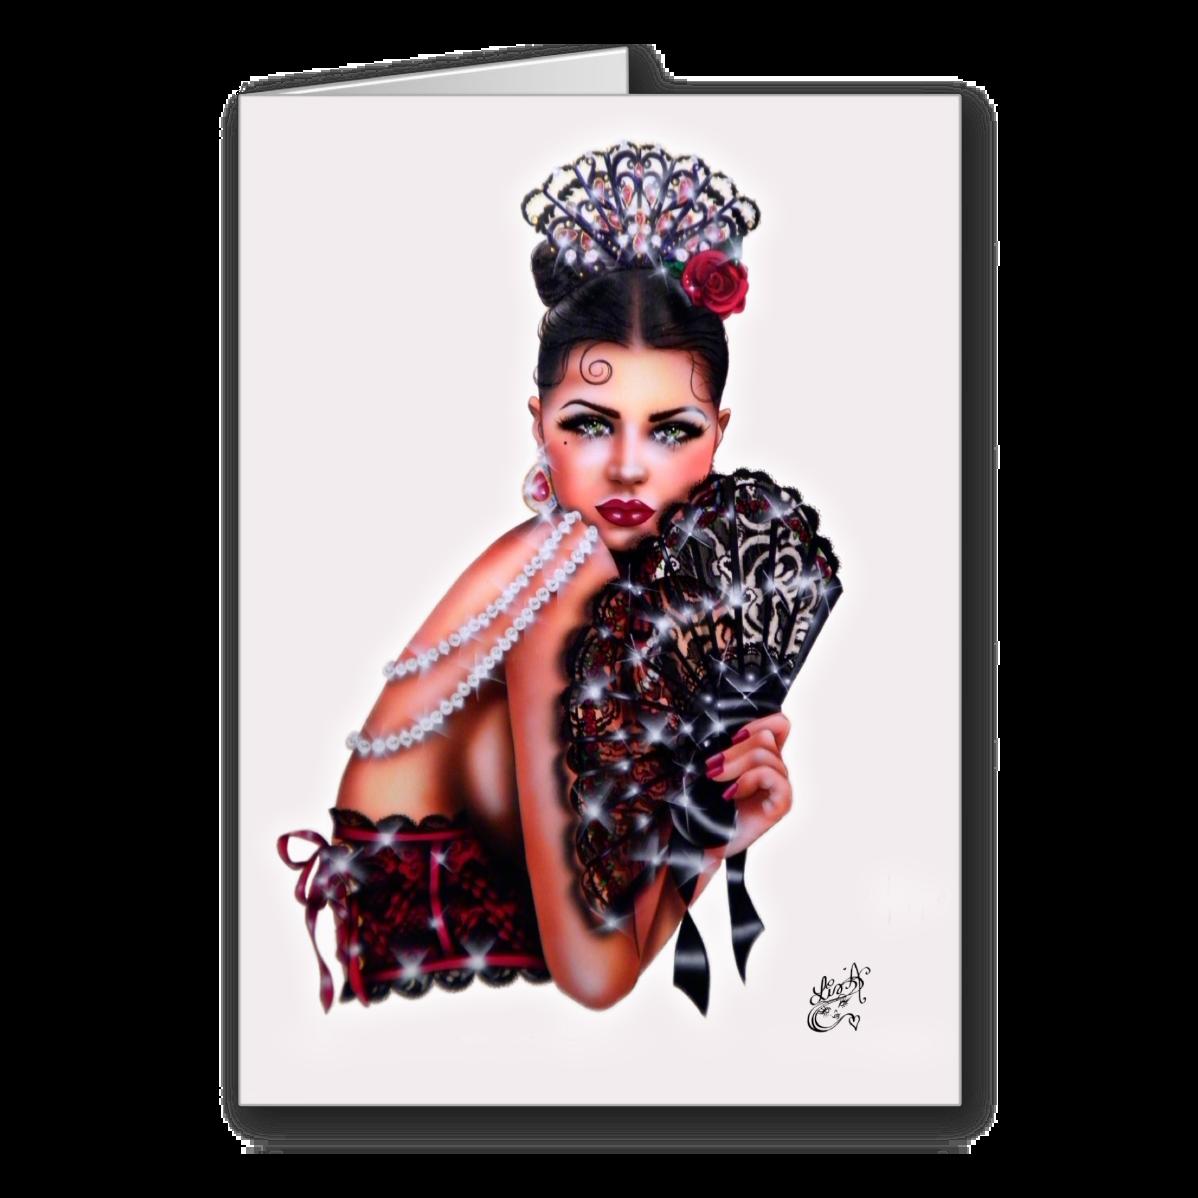 Spanish eyes by elizabeth austin greeting card the pinup art of spanish eyes by elizabeth austin greeting card m4hsunfo